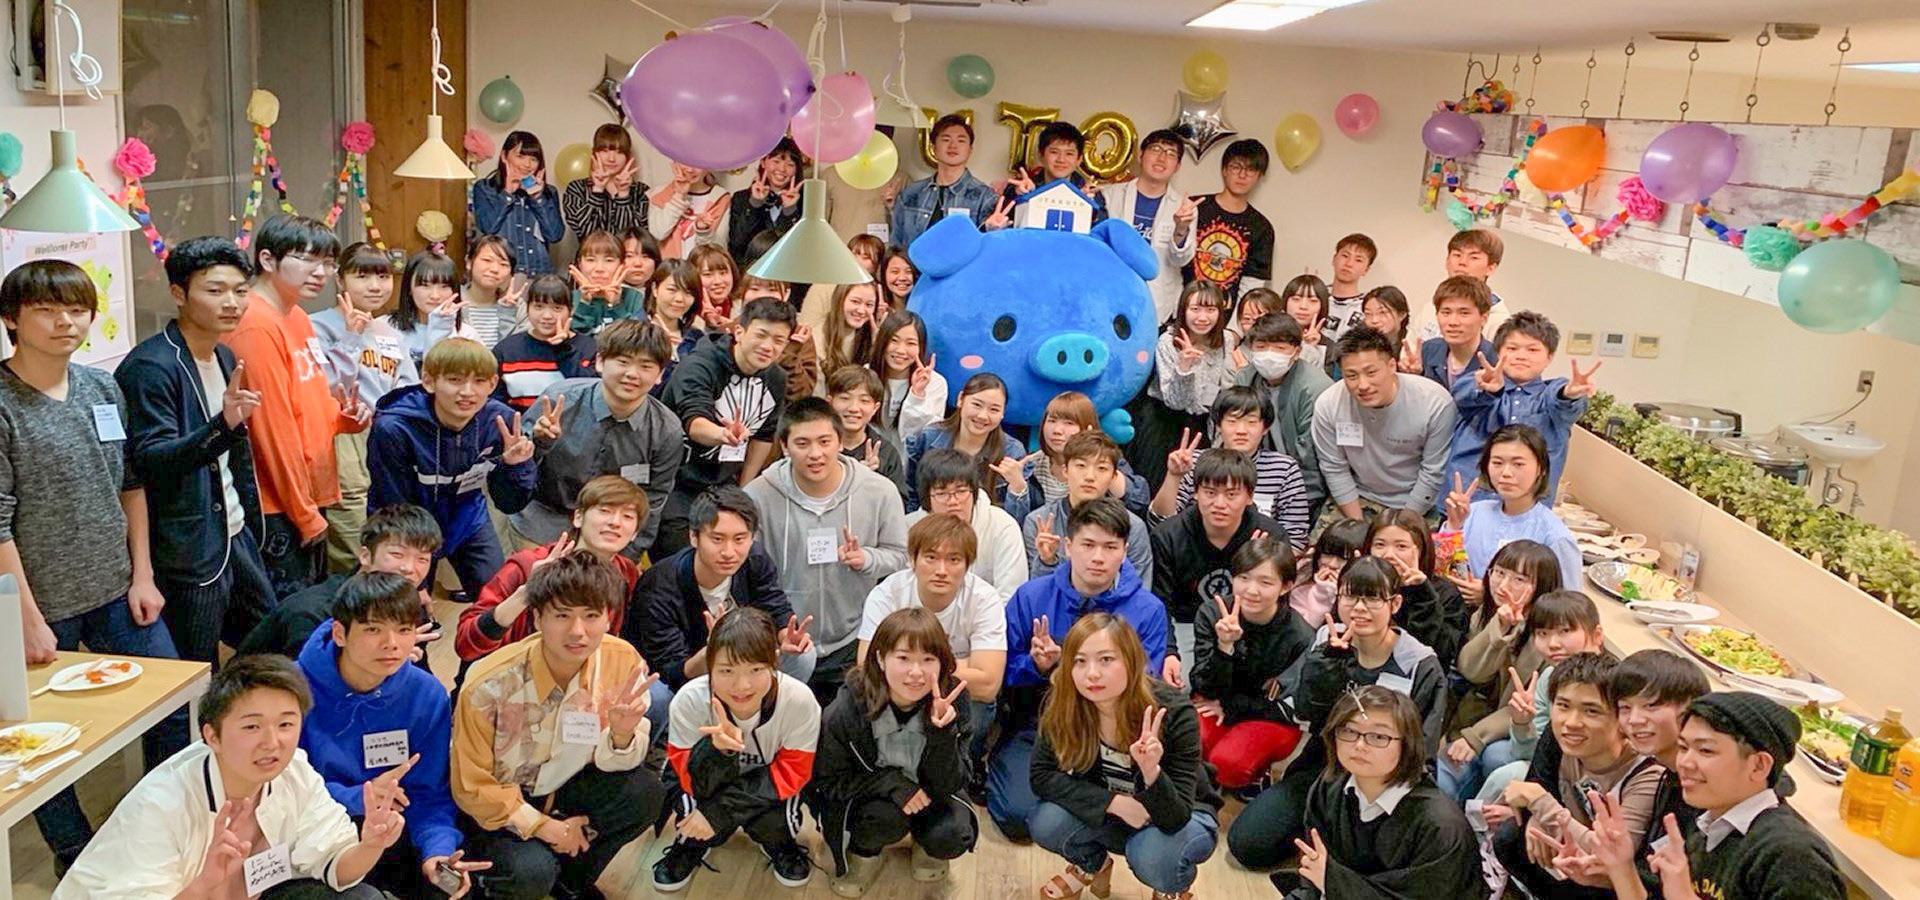 「ティーズカレッジ梅田北」4月にはウェルカムパーティを開催しています 宅都プロパティ大阪学生向けマンション総合サイト studentroom